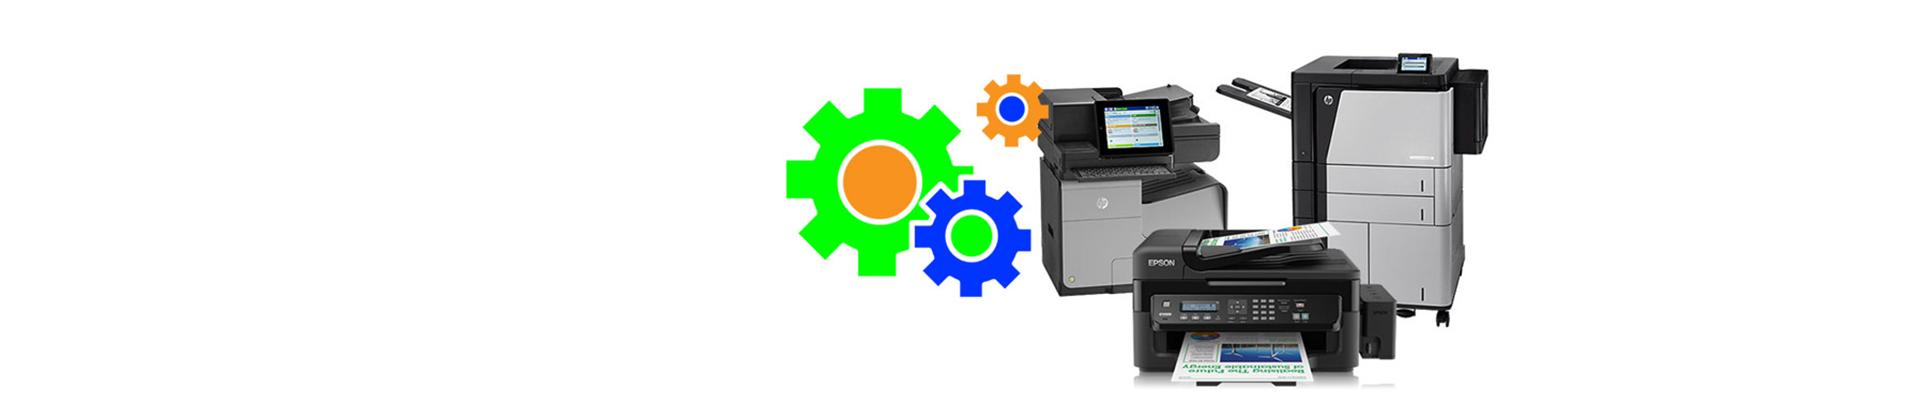 Printer-Repair11